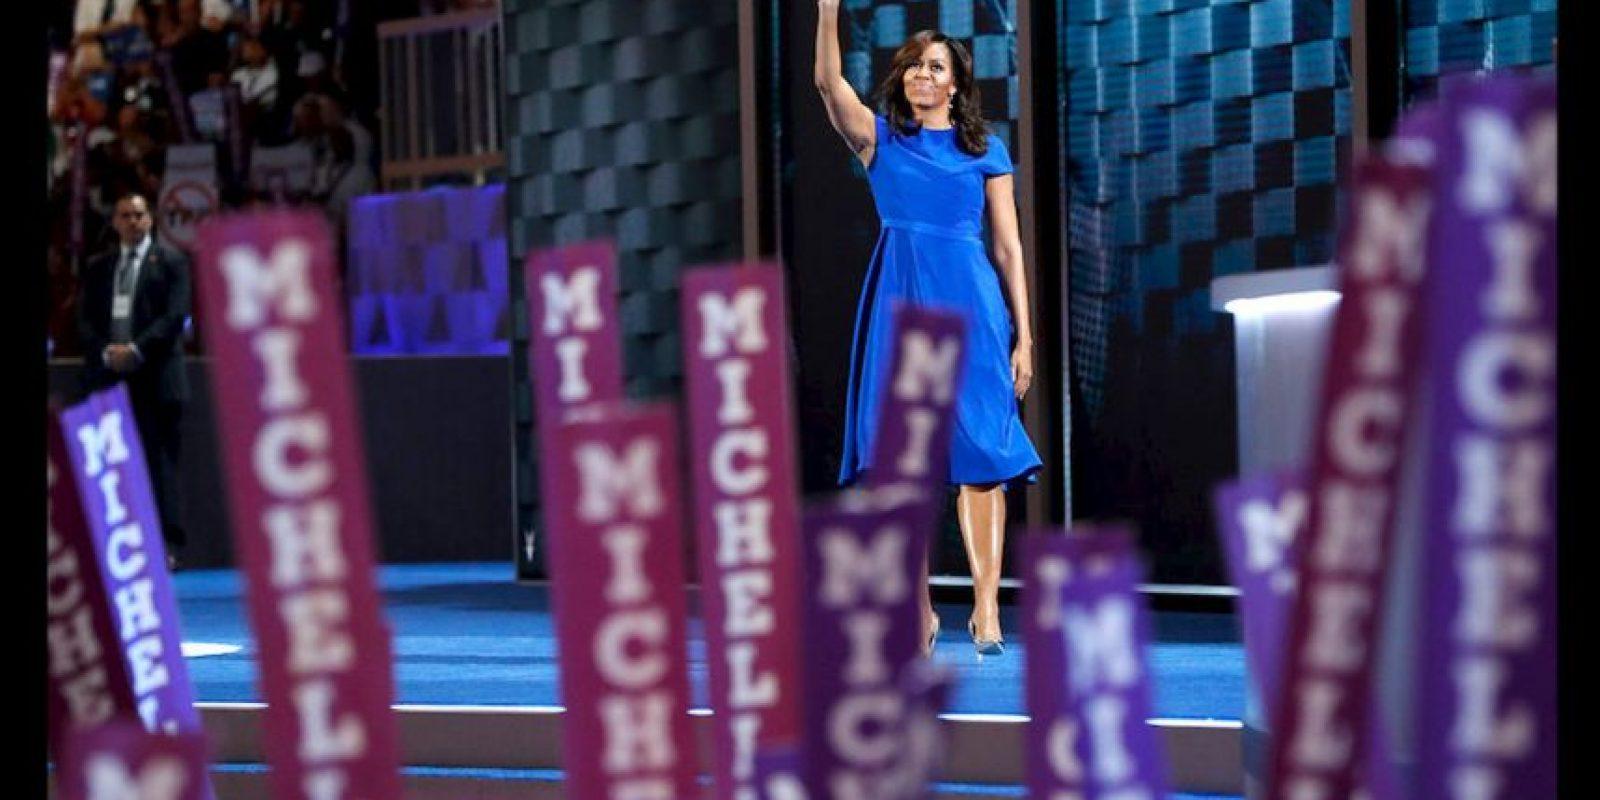 Michelle Obama ofreció un discurso plagado de frases que serán recordadas toda la vida donde enalteció a su esposo, habló del país que trató de formar para sus hijas y las nuevas generaciones y mostró su apoyo a Hillary Clinton. Foto:Getty Images